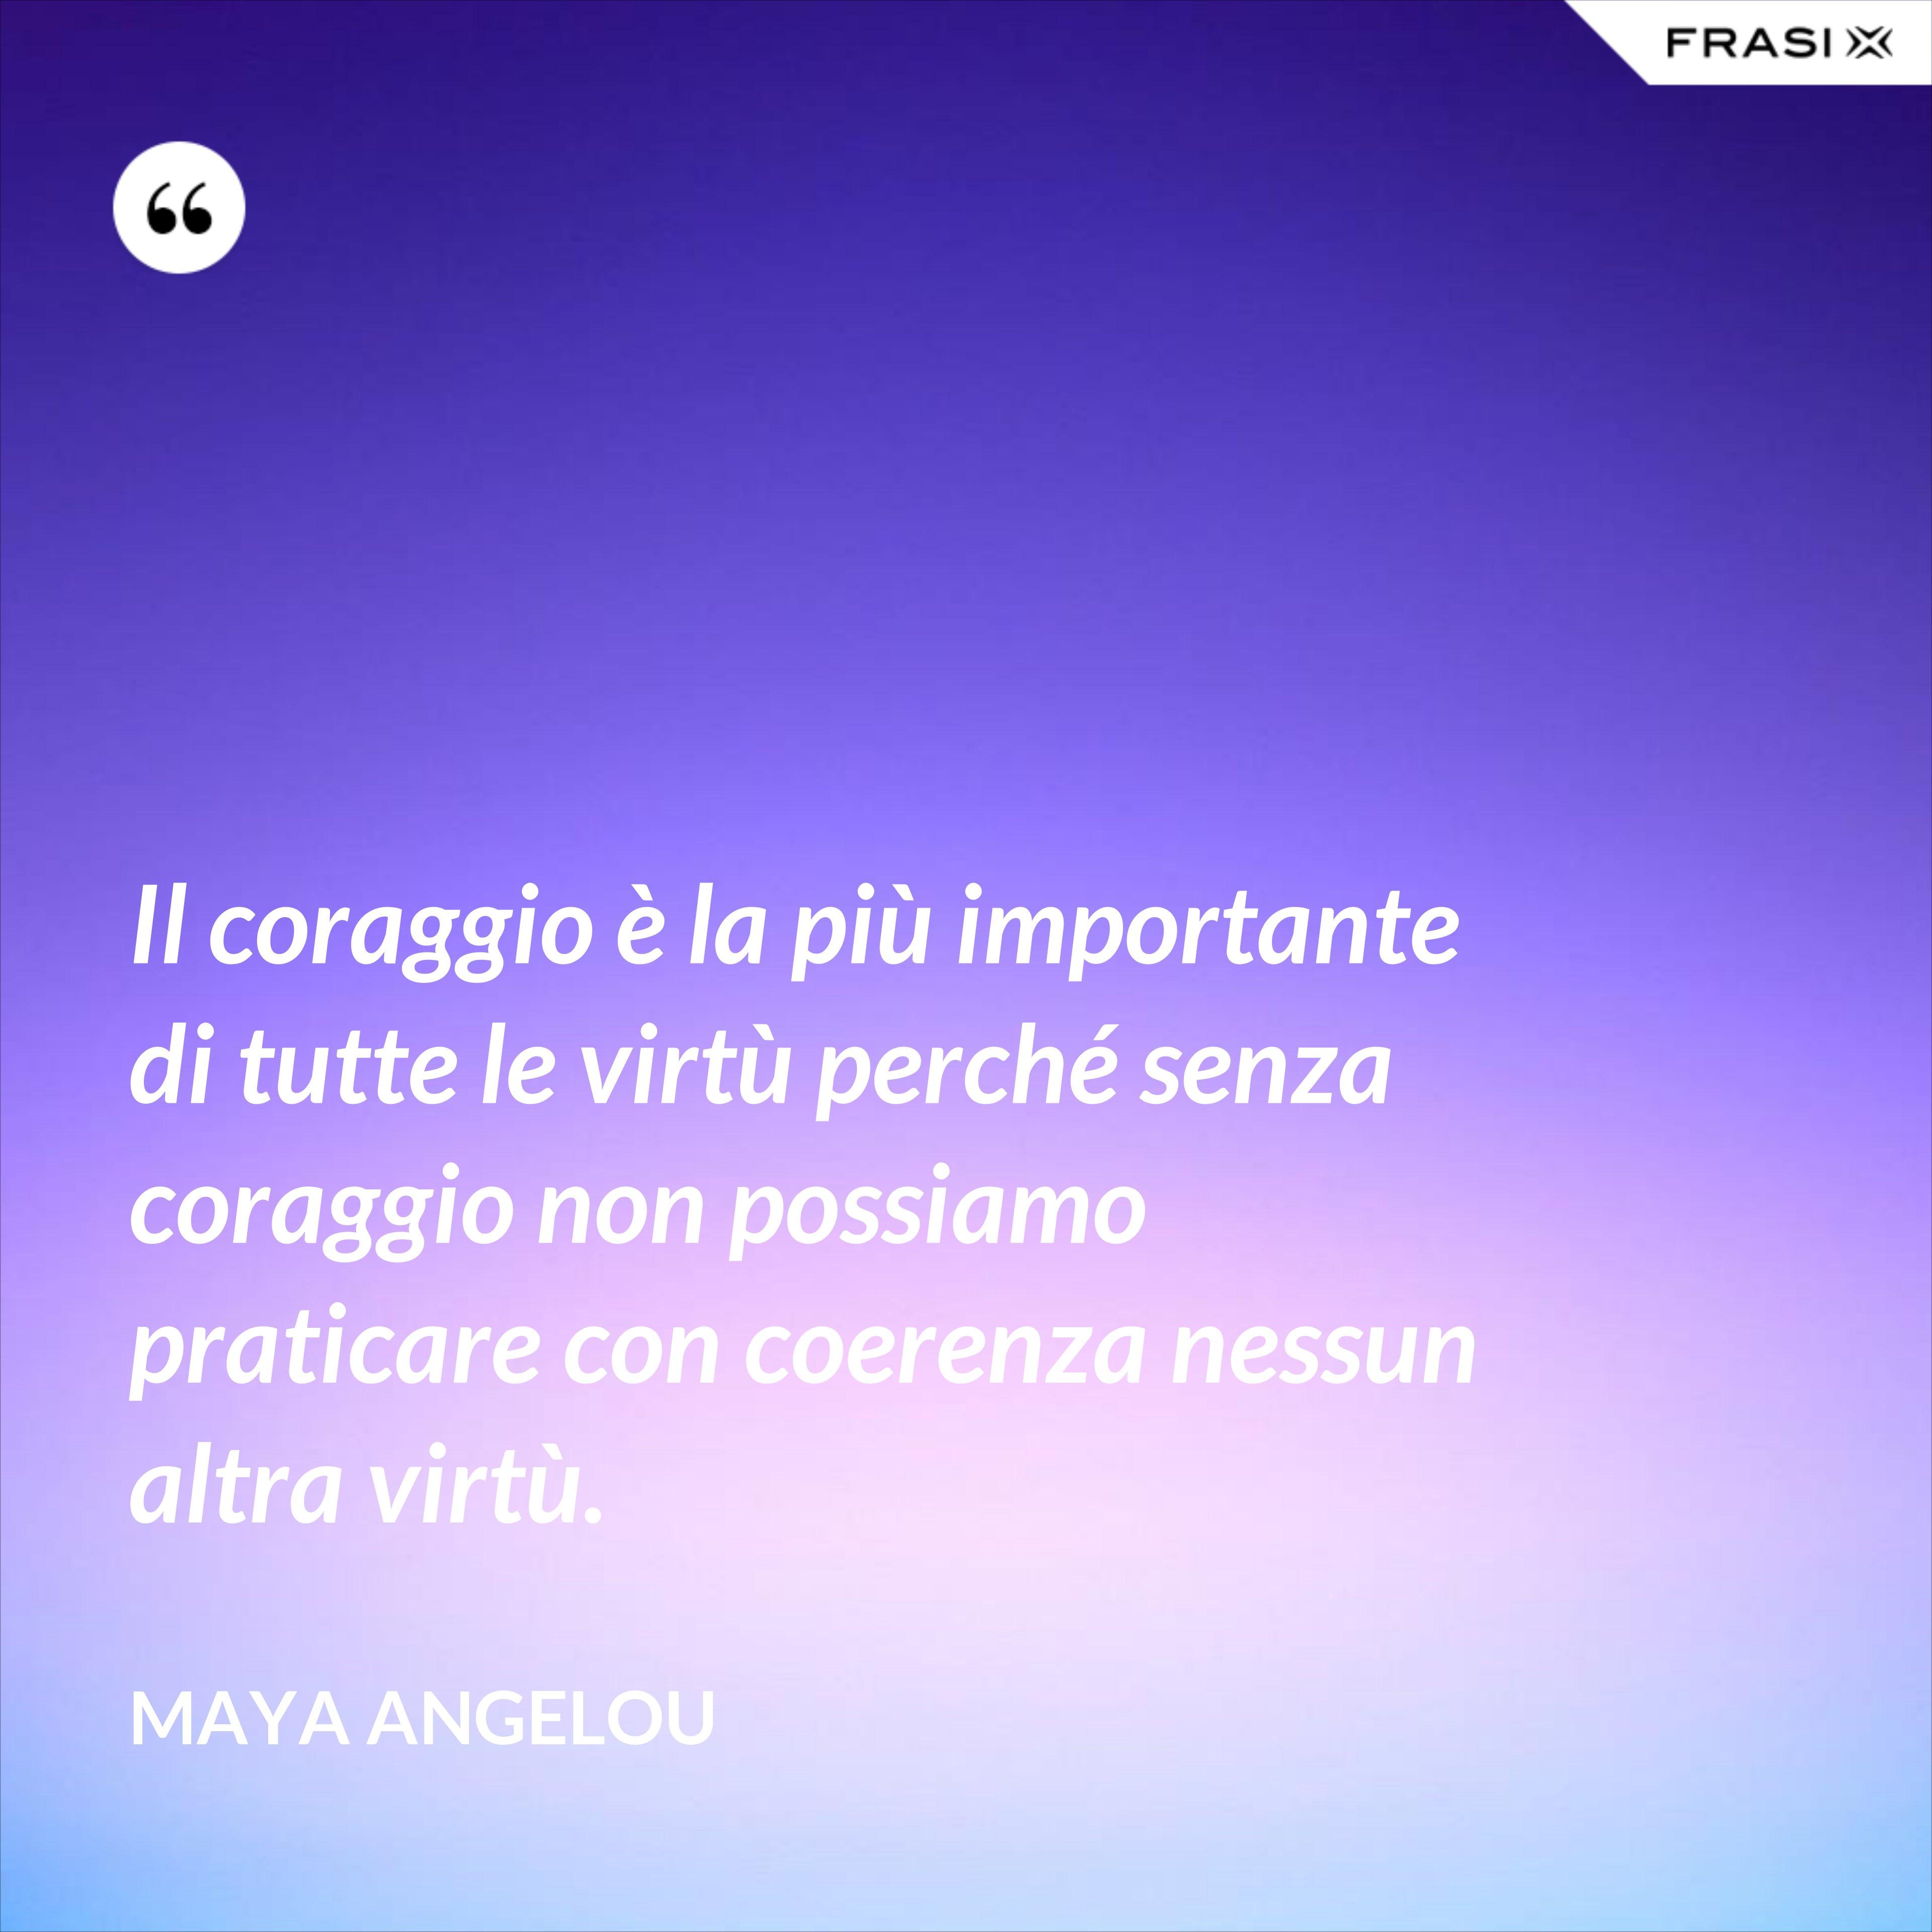 Il coraggio è la più importante di tutte le virtù perché senza coraggio non possiamo praticare con coerenza nessun altra virtù. - Maya Angelou